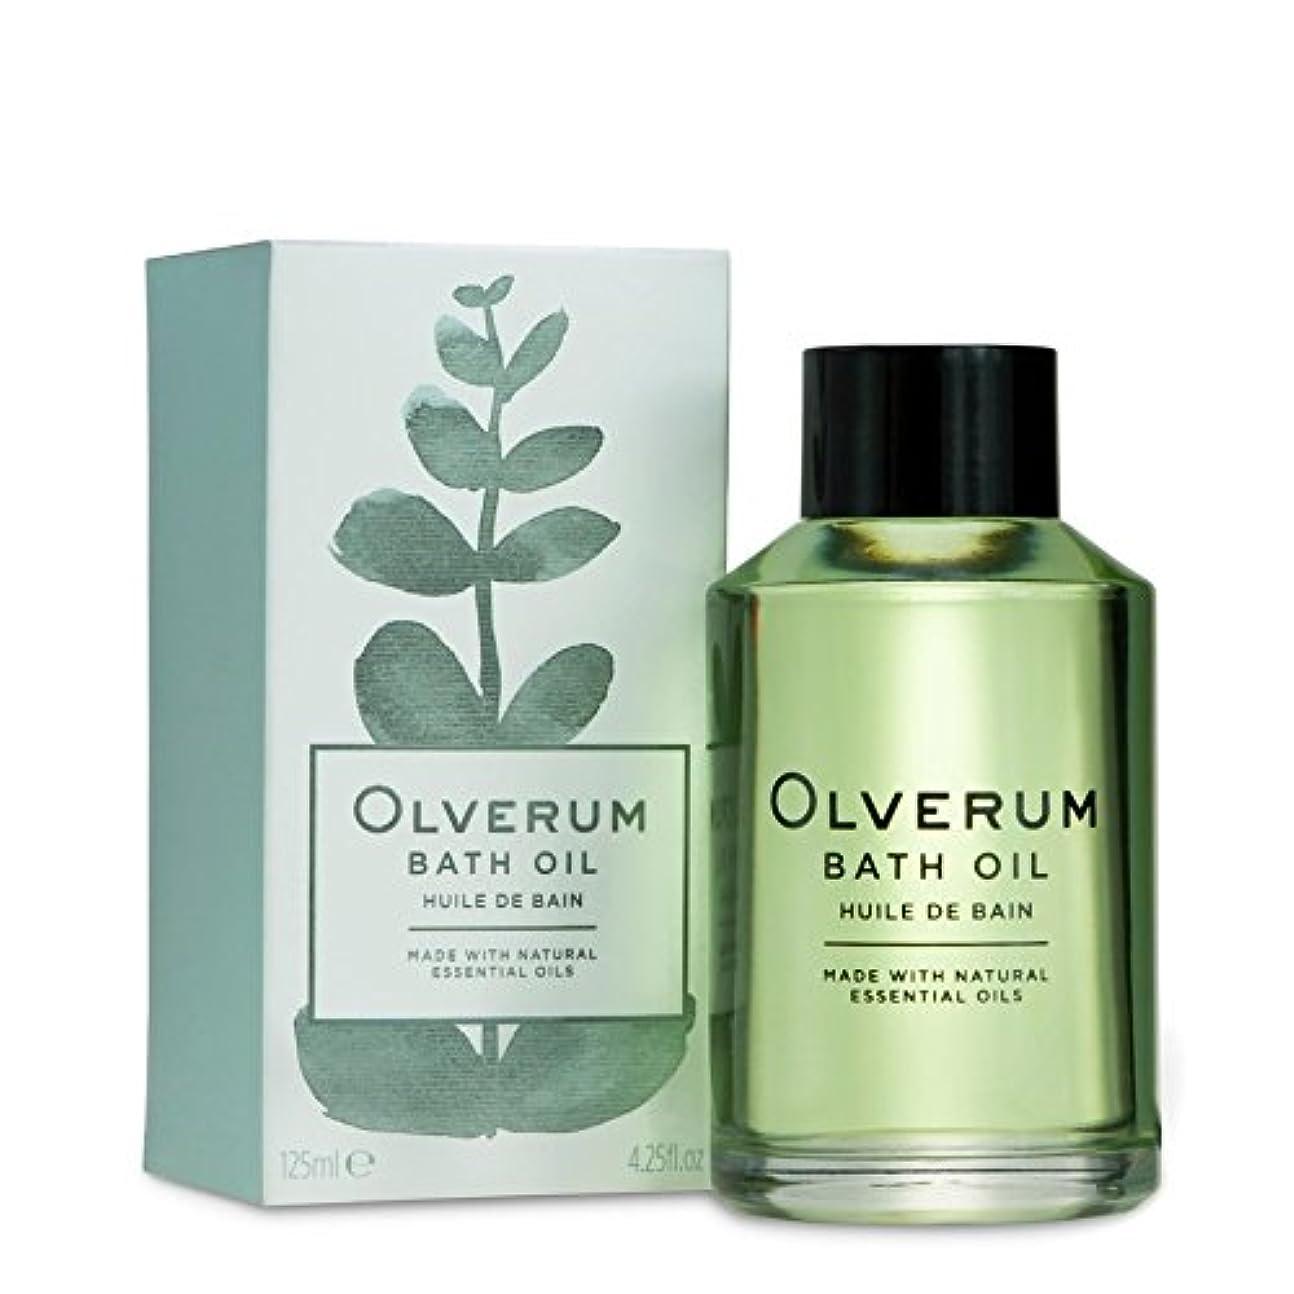 悪名高いちょうつがい埋めるOlverum Bath Oil 125ml - バスオイル125ミリリットル [並行輸入品]